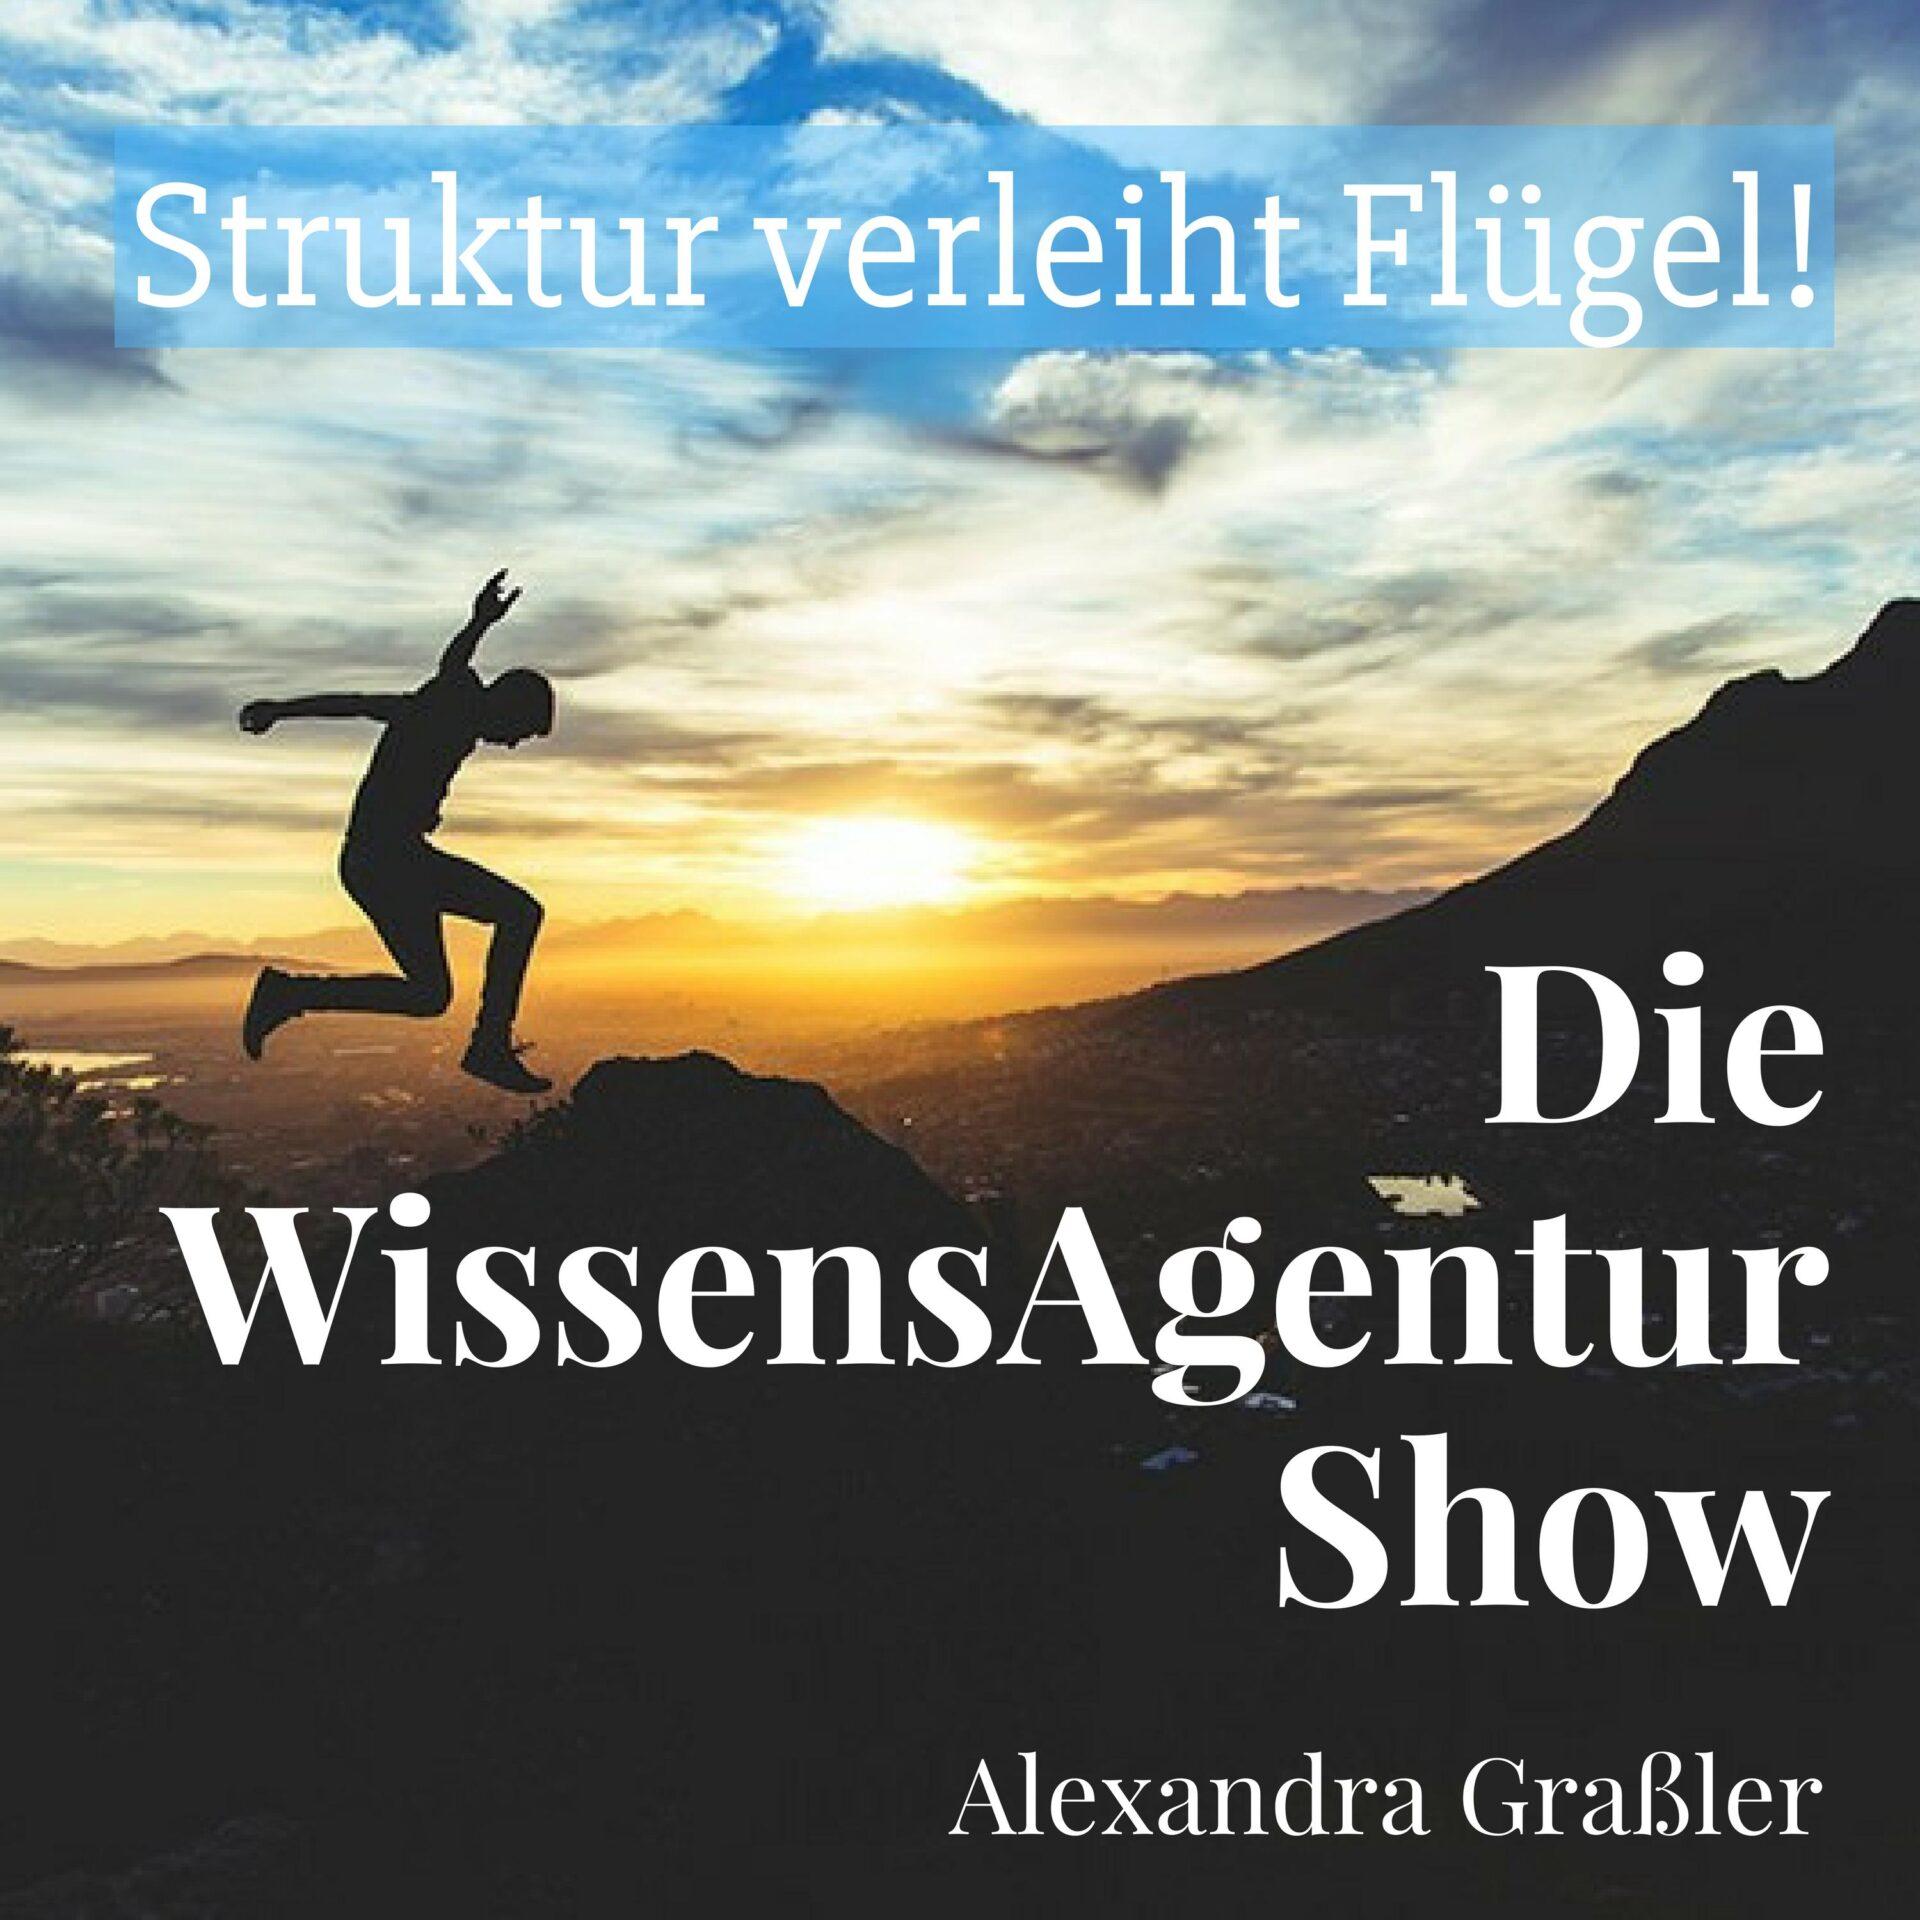 Podcast Die WissensAgentur Show mit Alexandra Graßler | Selbstmanagement und Struktur